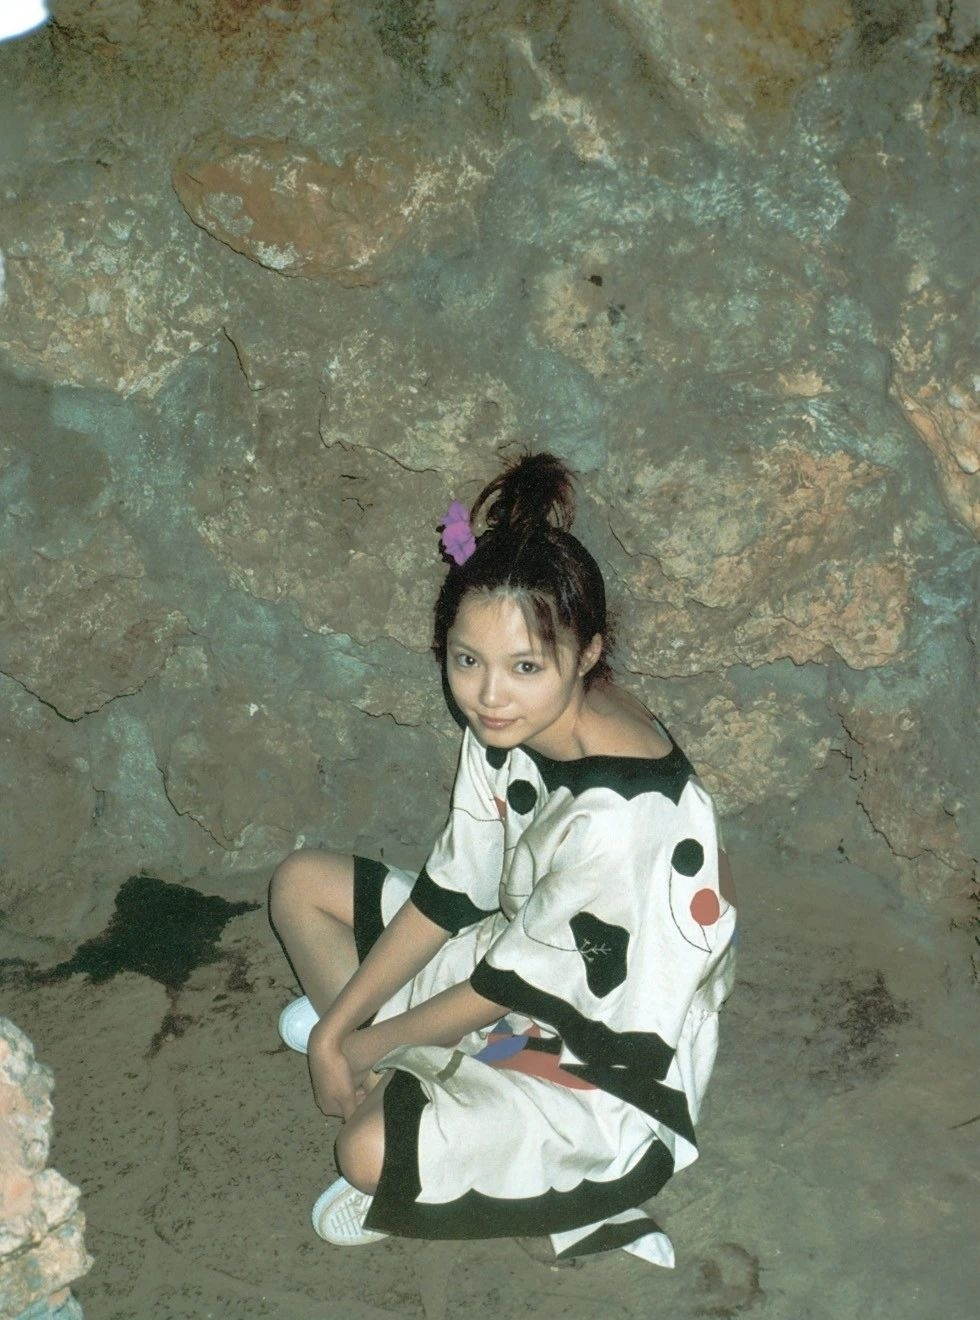 纯真脱俗的森系女神宫崎葵写真作品 (66)